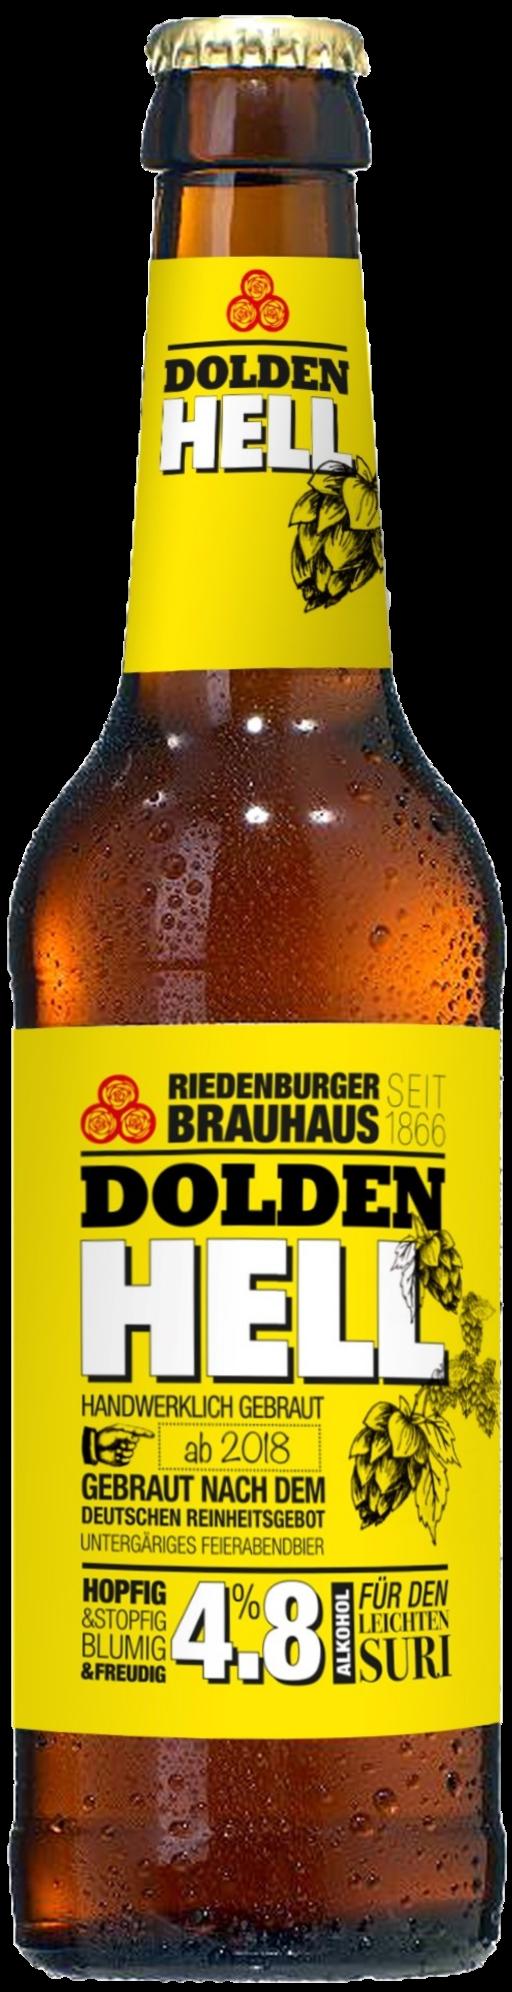 RIEDENBURGER Dolden-Box